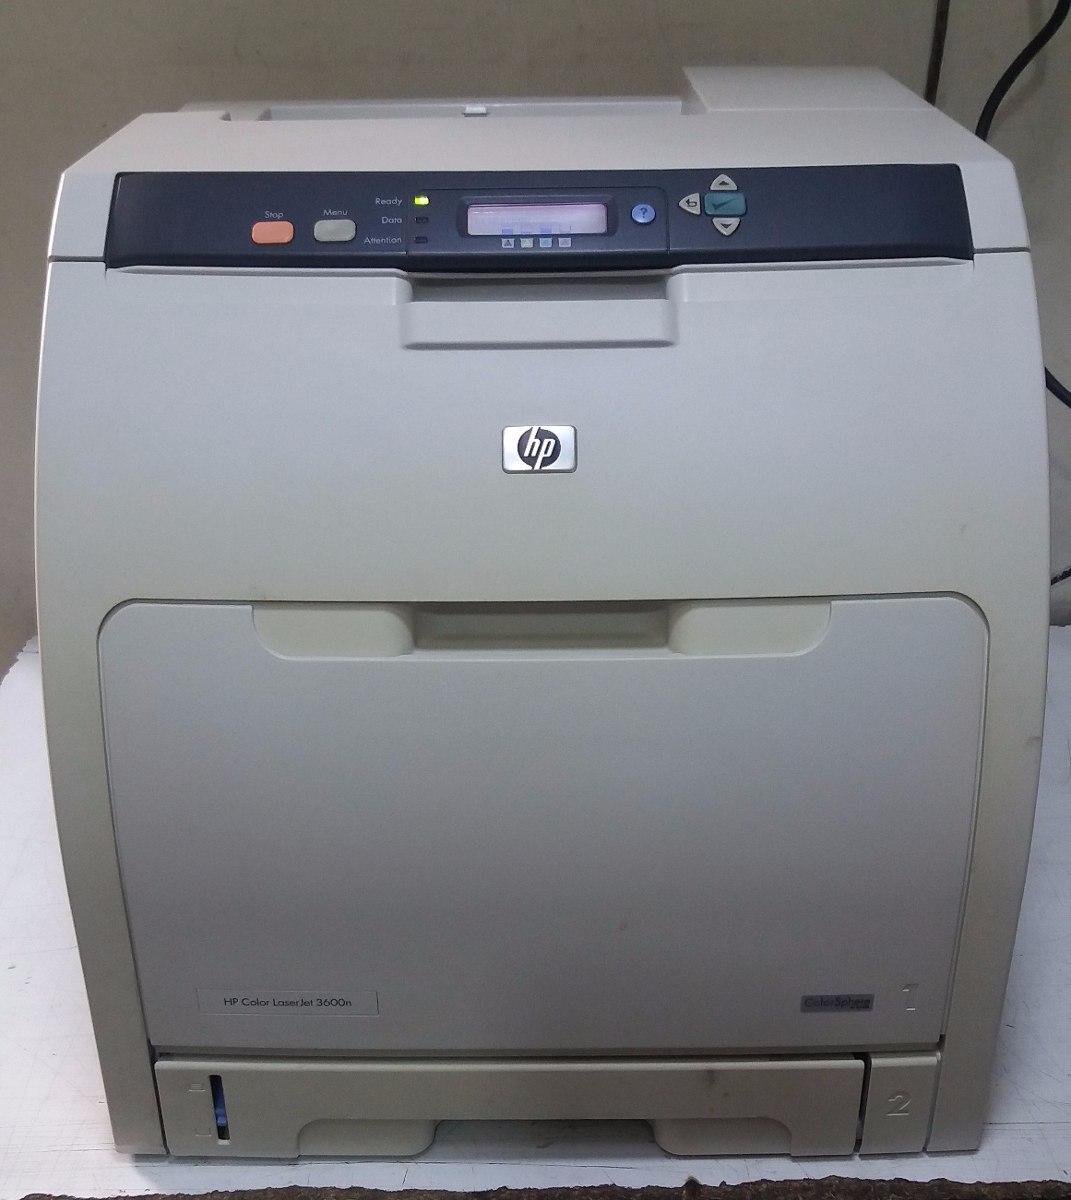 драйвера для принтера hp laserjet 3600